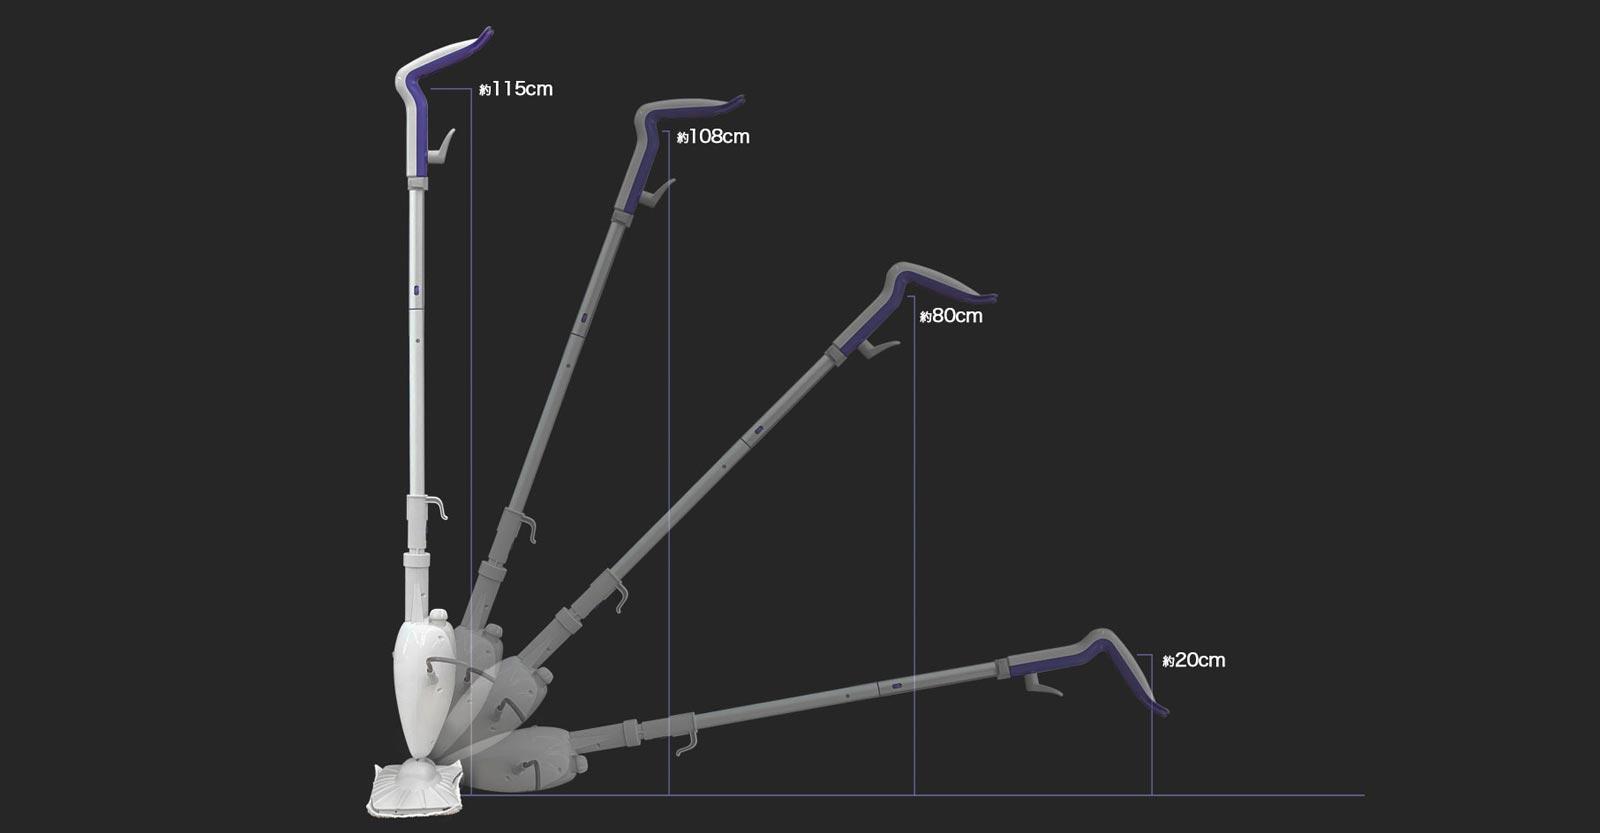 角度を変えても扱いやすい、人間工学に基づいた設計